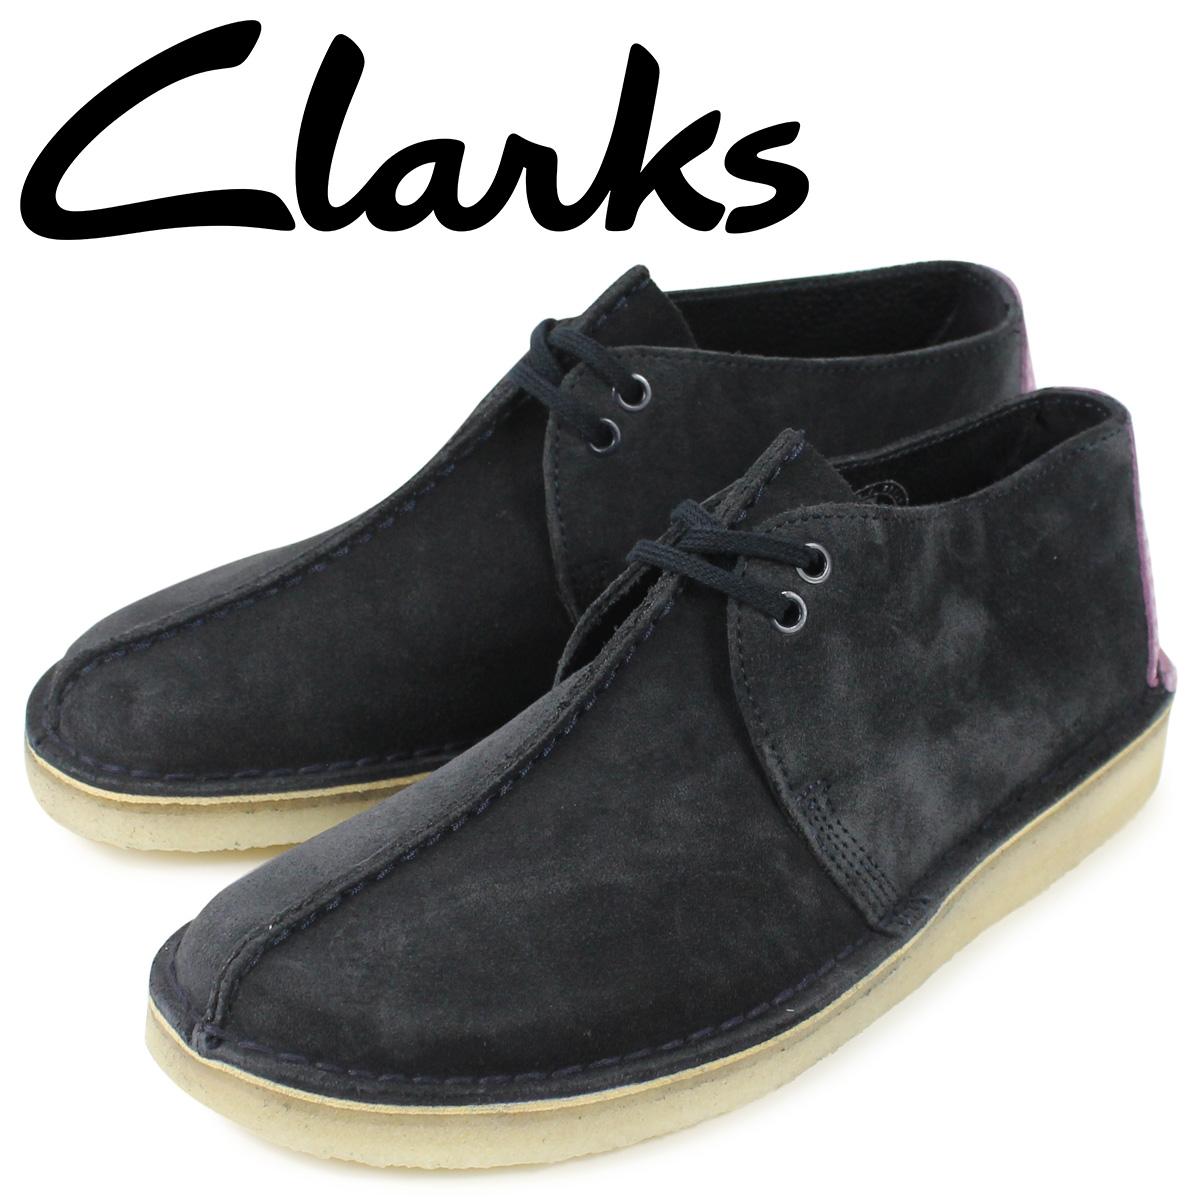 クラークス Clarks デザートトレック ブーツ メンズ DESERT TREK ブラック 黒 26144175